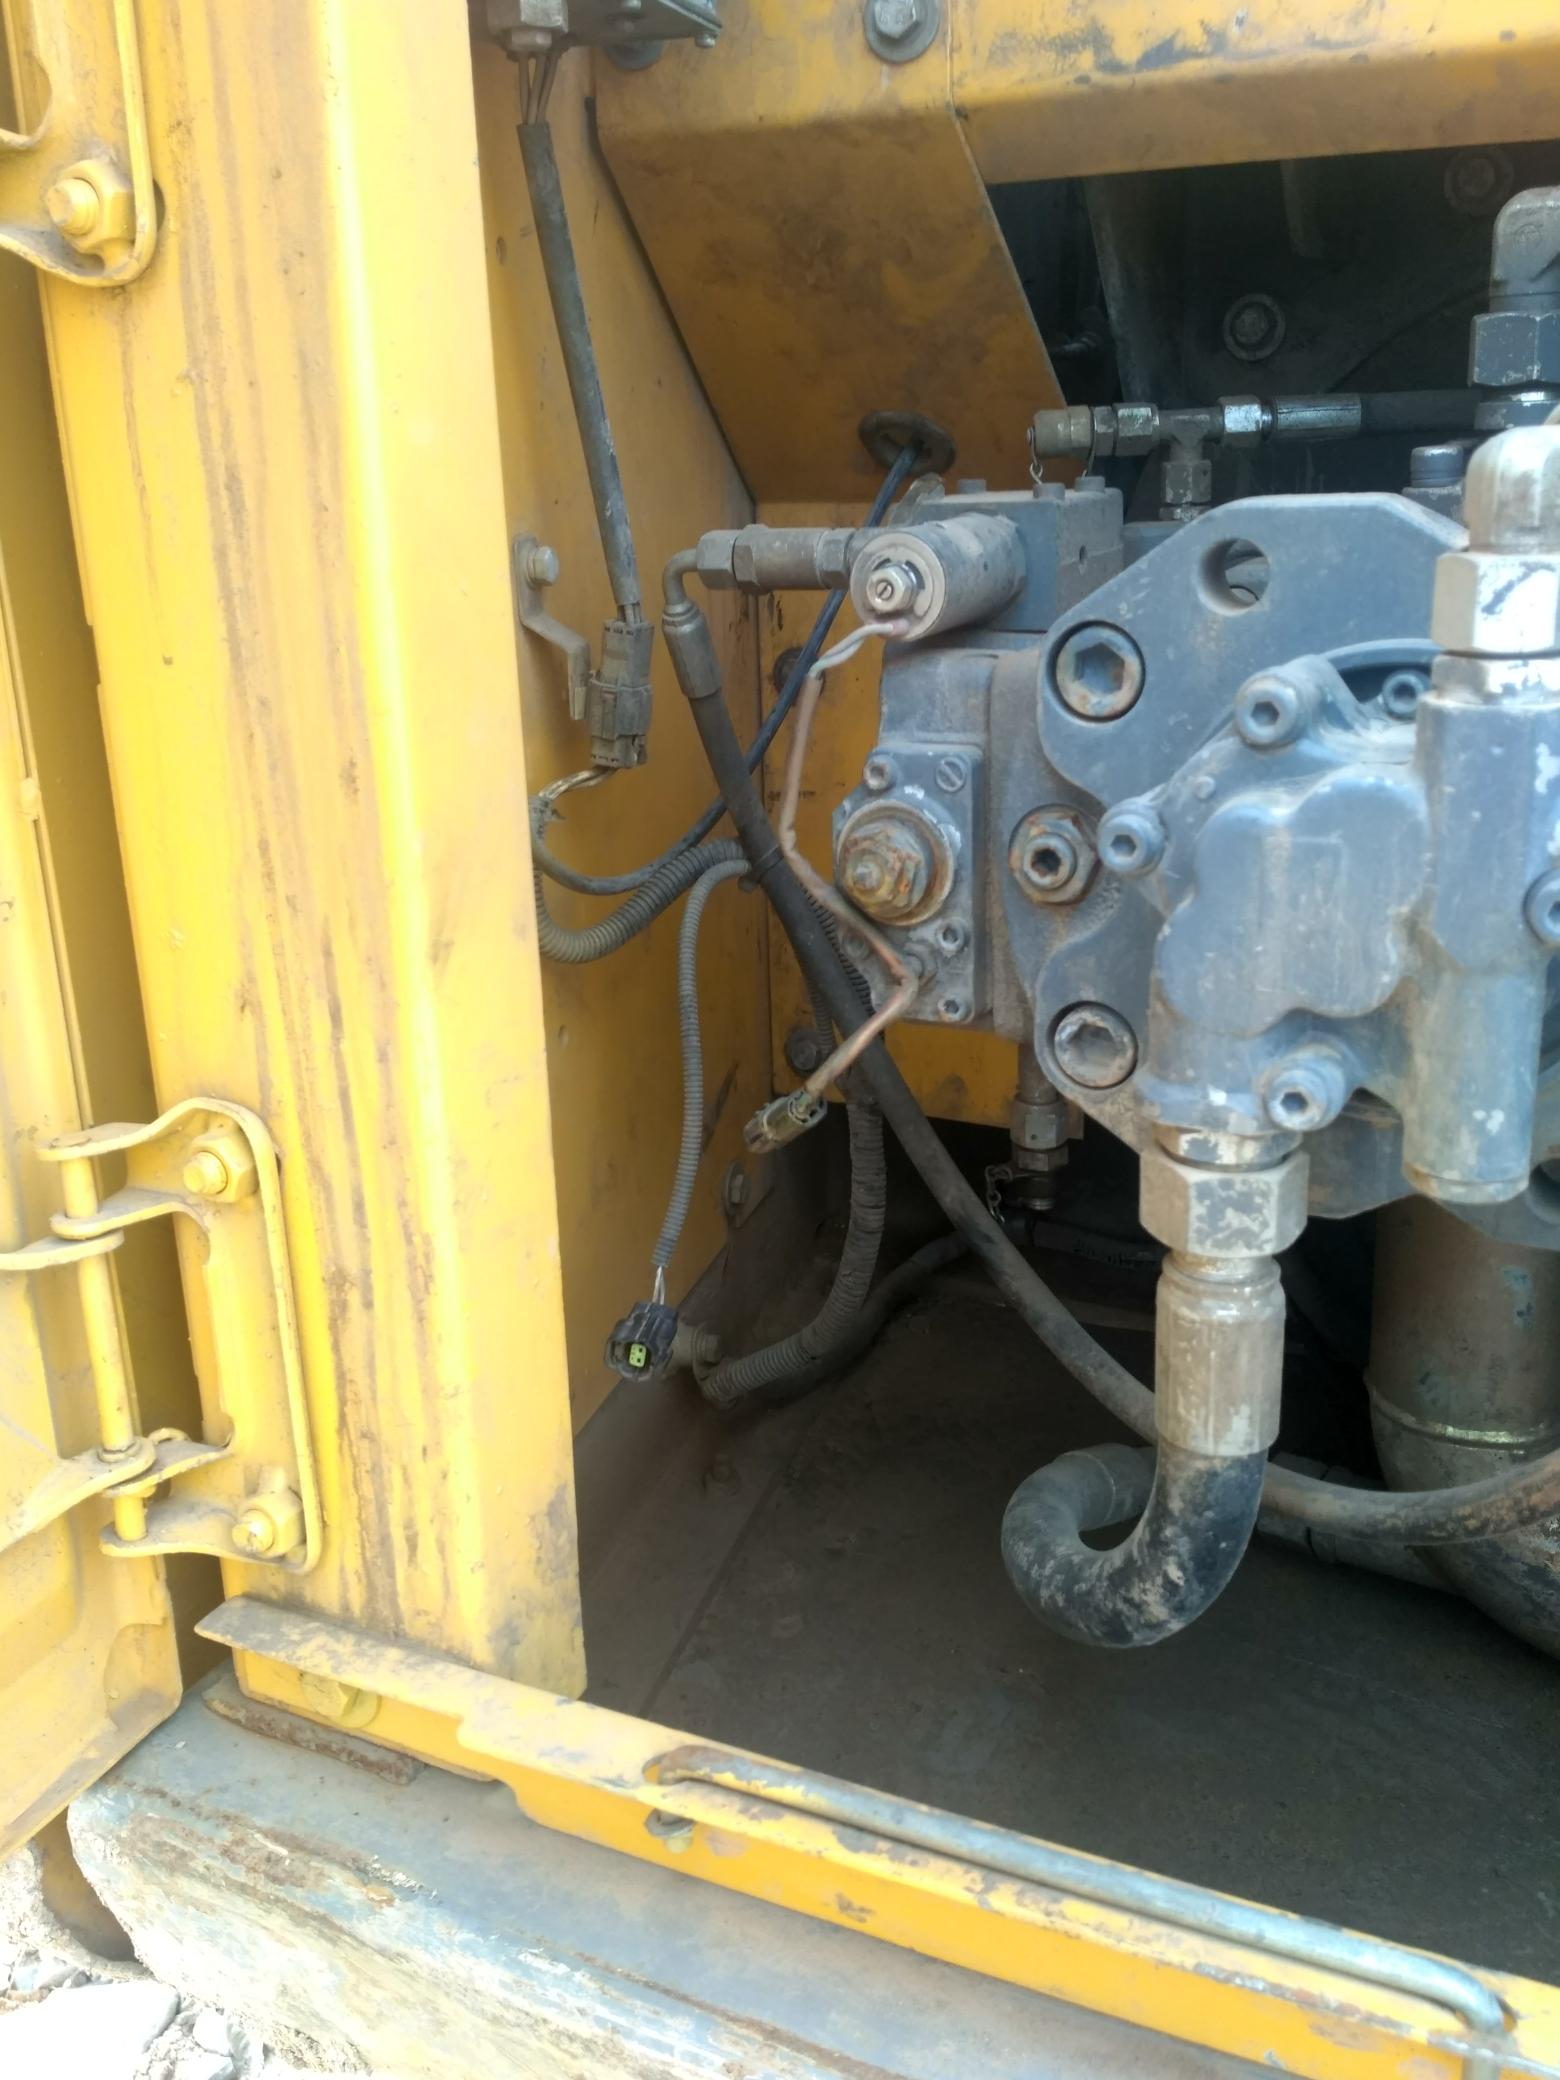 挖机液压大泵上有一根外接电线是做什么的?